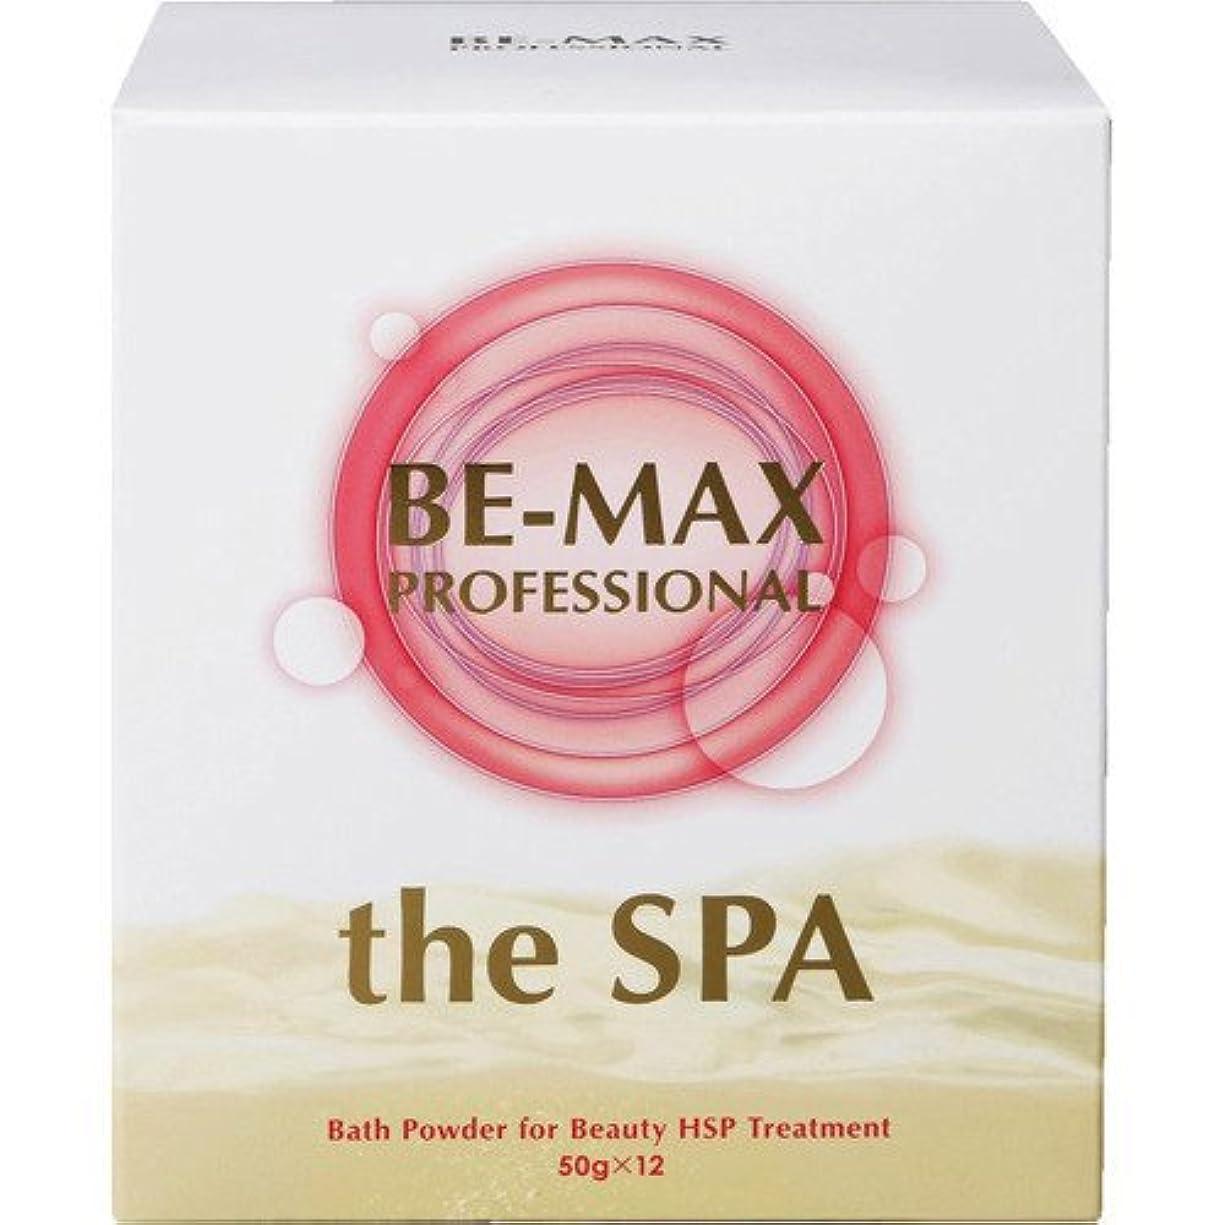 リングレットすり減るレタッチBE-MAX PROFESSIONAL the SPA(ザ?スパ) ビーマックスプロフェッショナル ザ?スパ バスパウダー 50gx12包 (4571132621587)